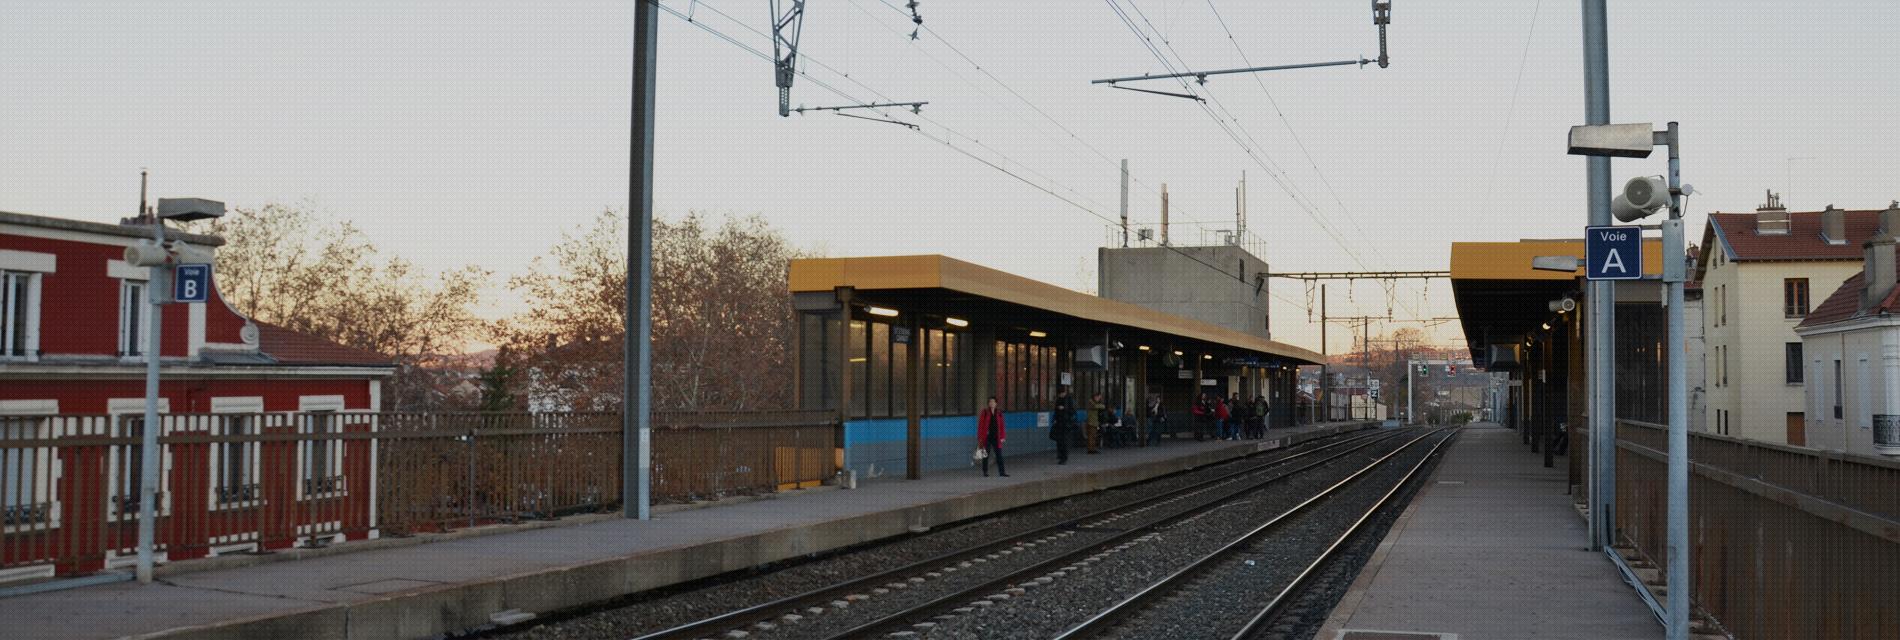 Votre chauffeur VTC vous transporte en gare de Saint-Etienne